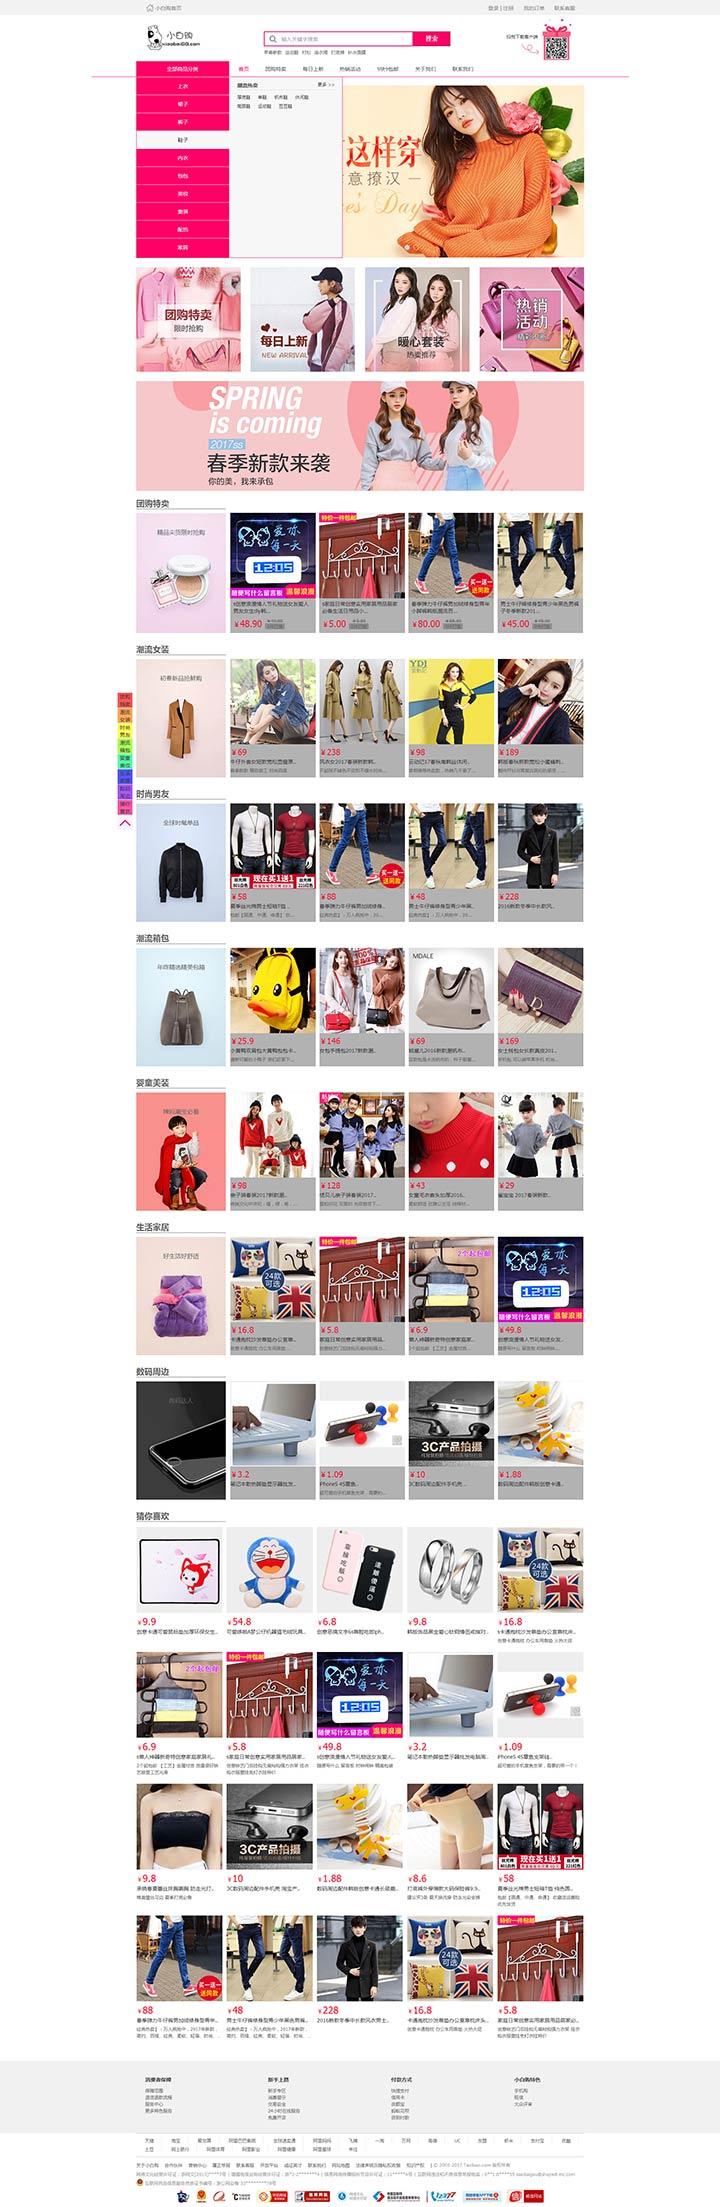 简单服装商城网站免费通用模板精美